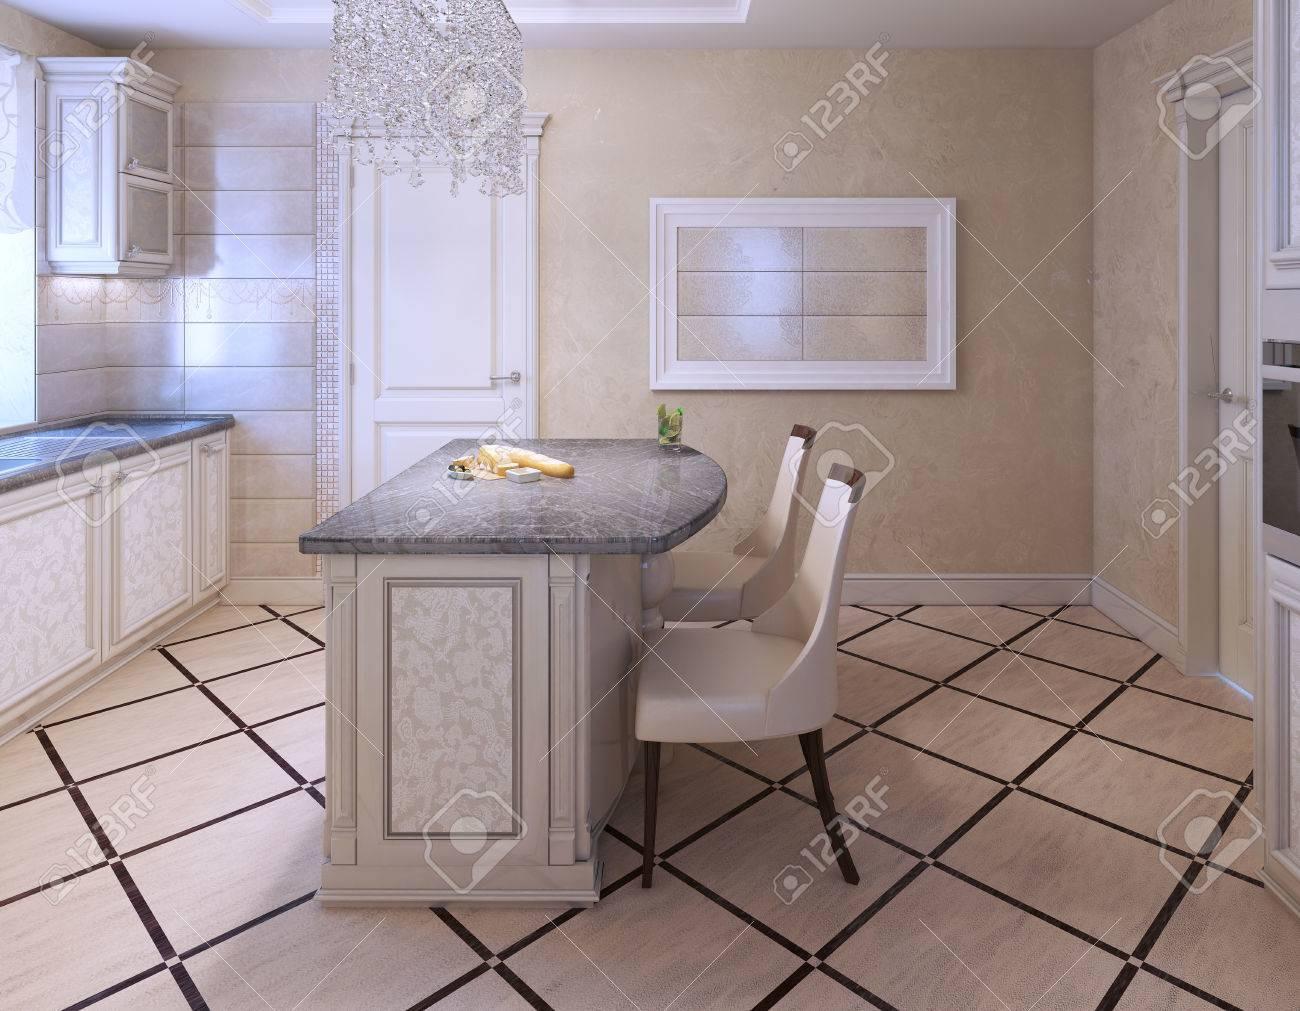 Küche Mit Insel-Bar In Avantgardistischen Stil. Weiß Und Creame ...